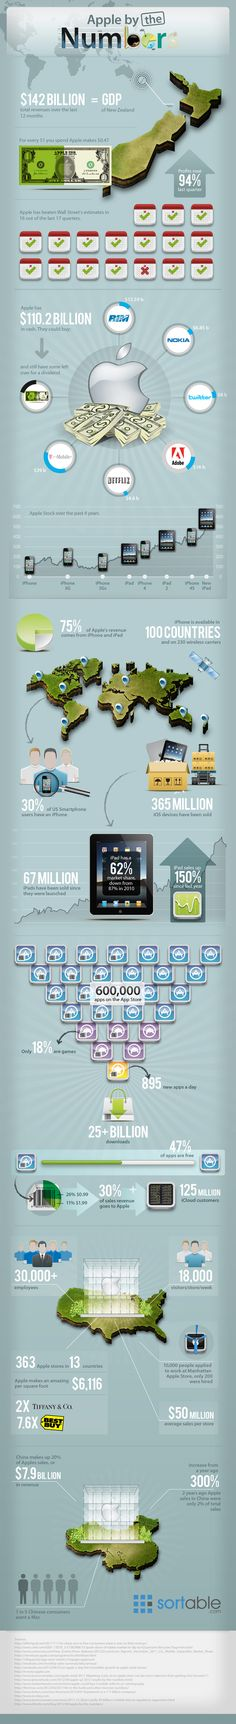 Los números de Apple en esta infografía. Está claro ¿no?